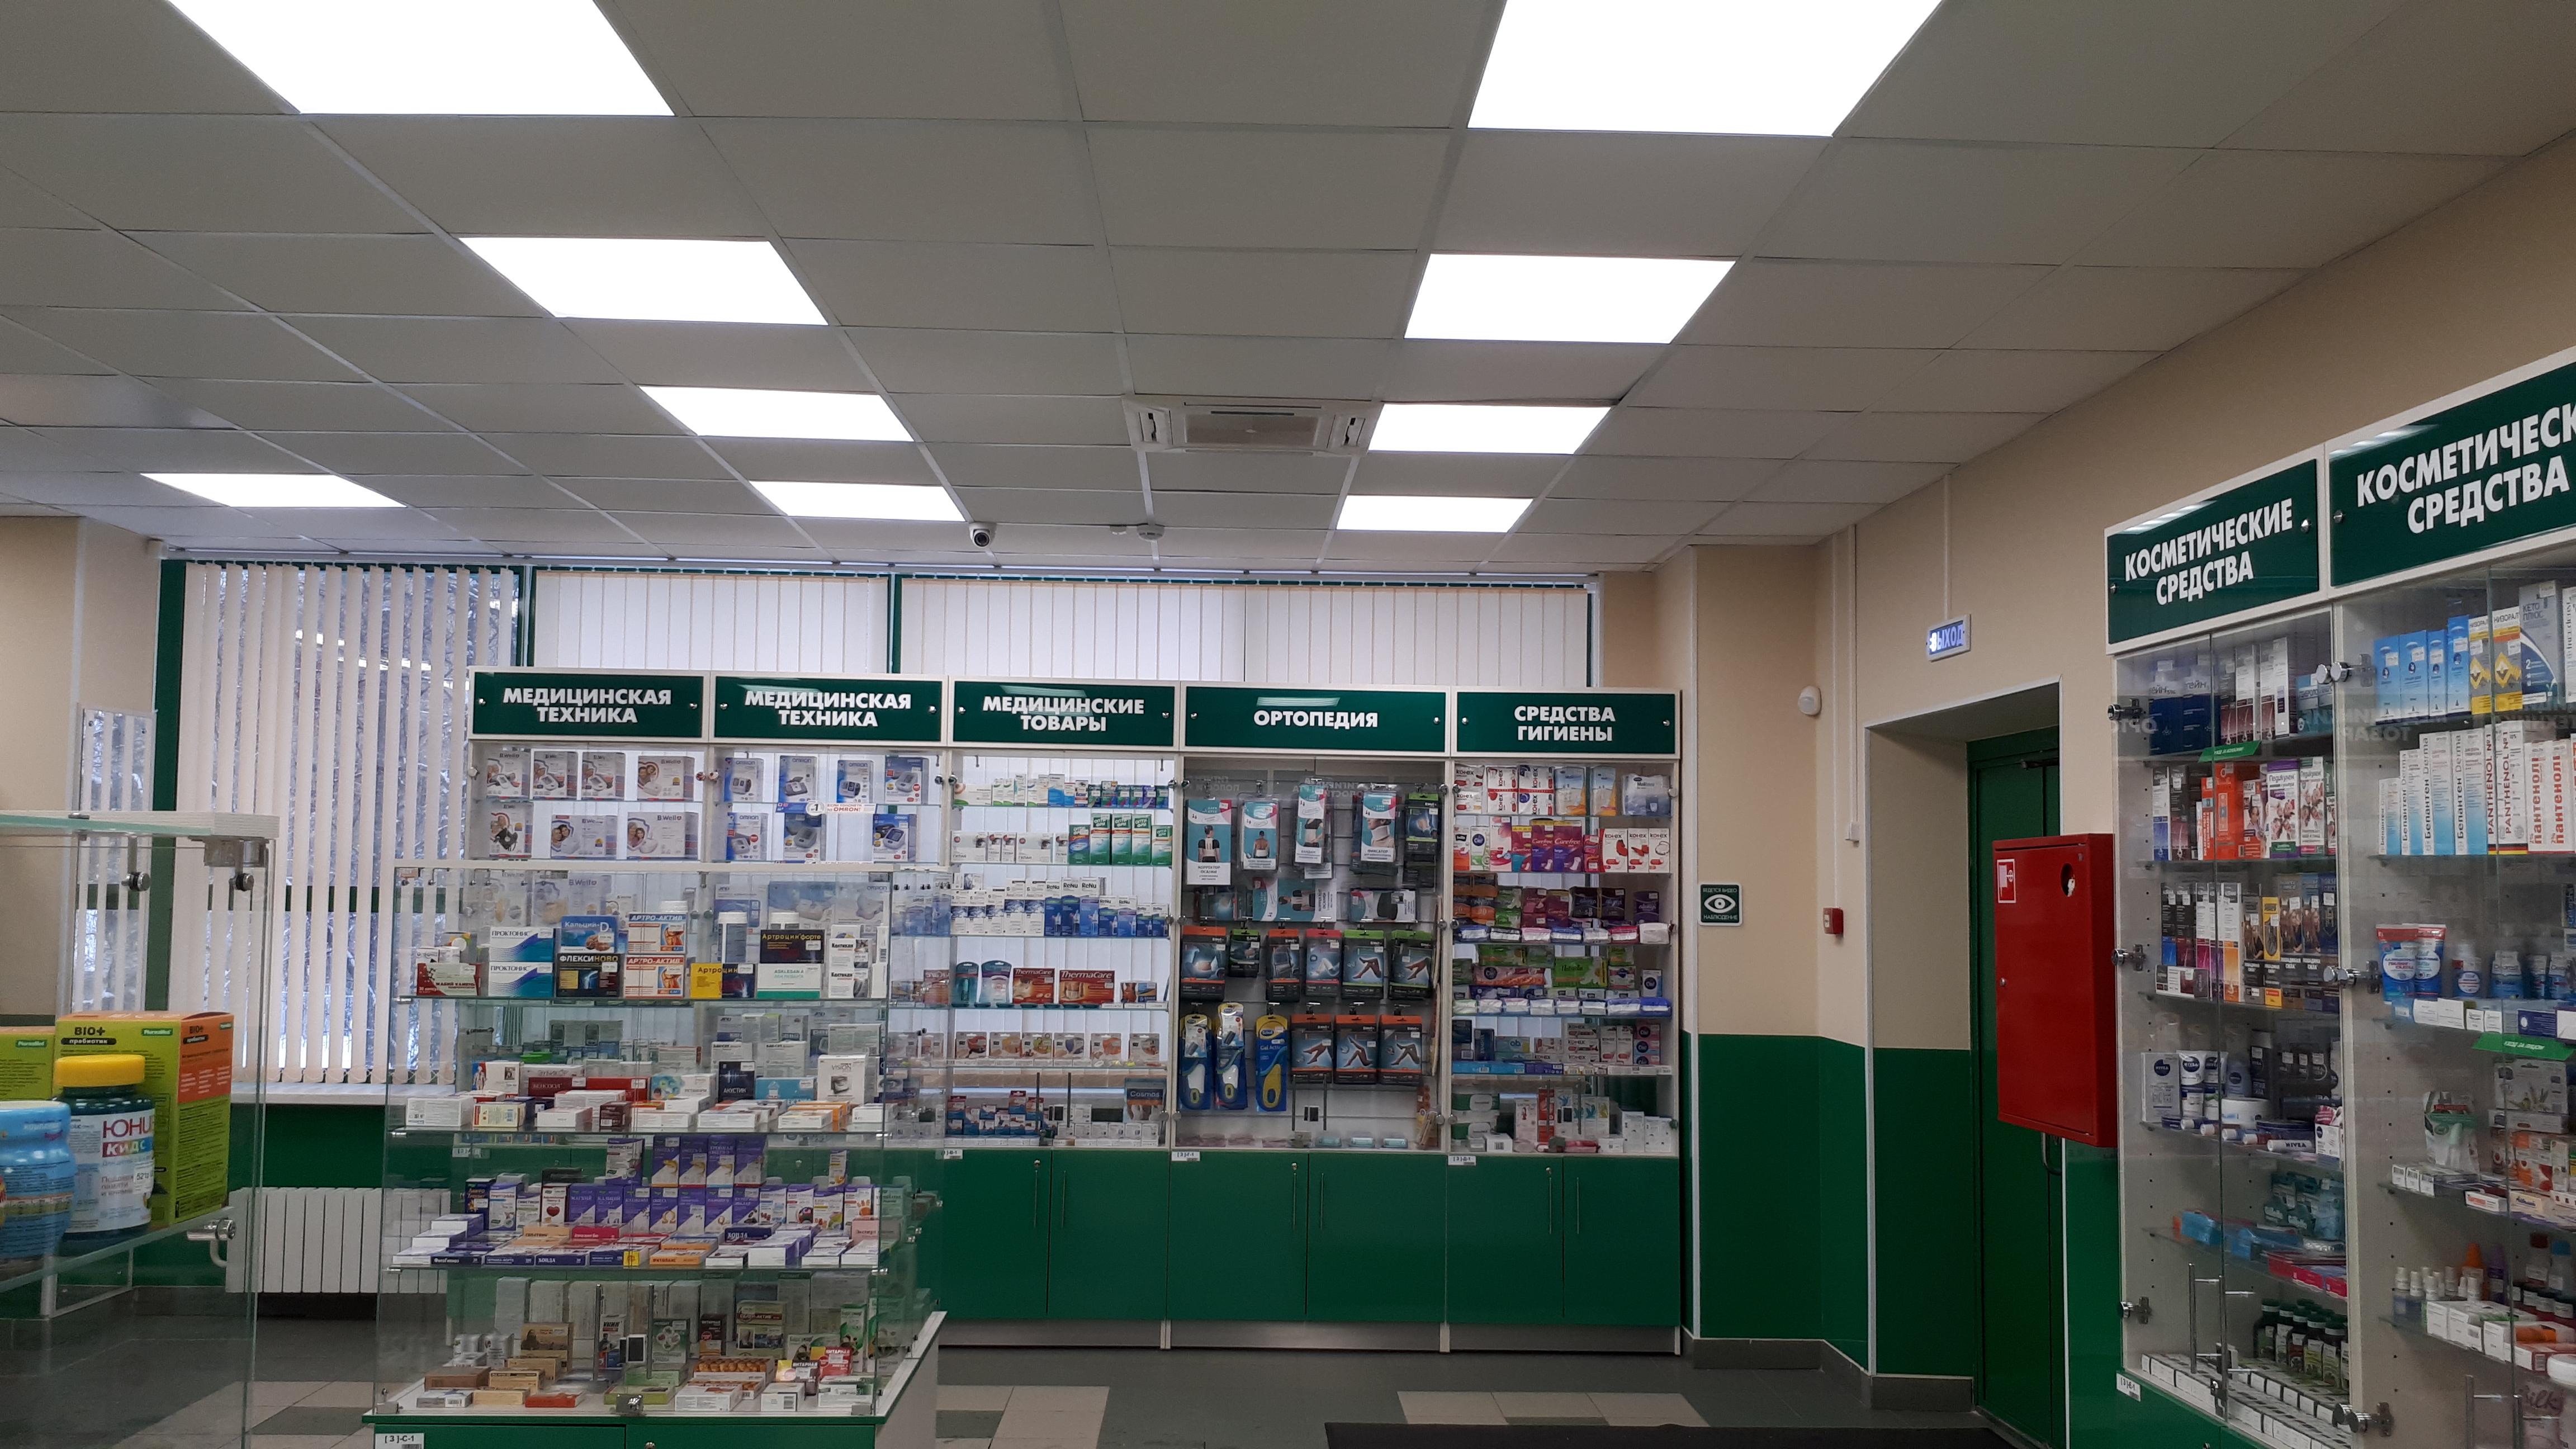 Освещение Аптеки Столички